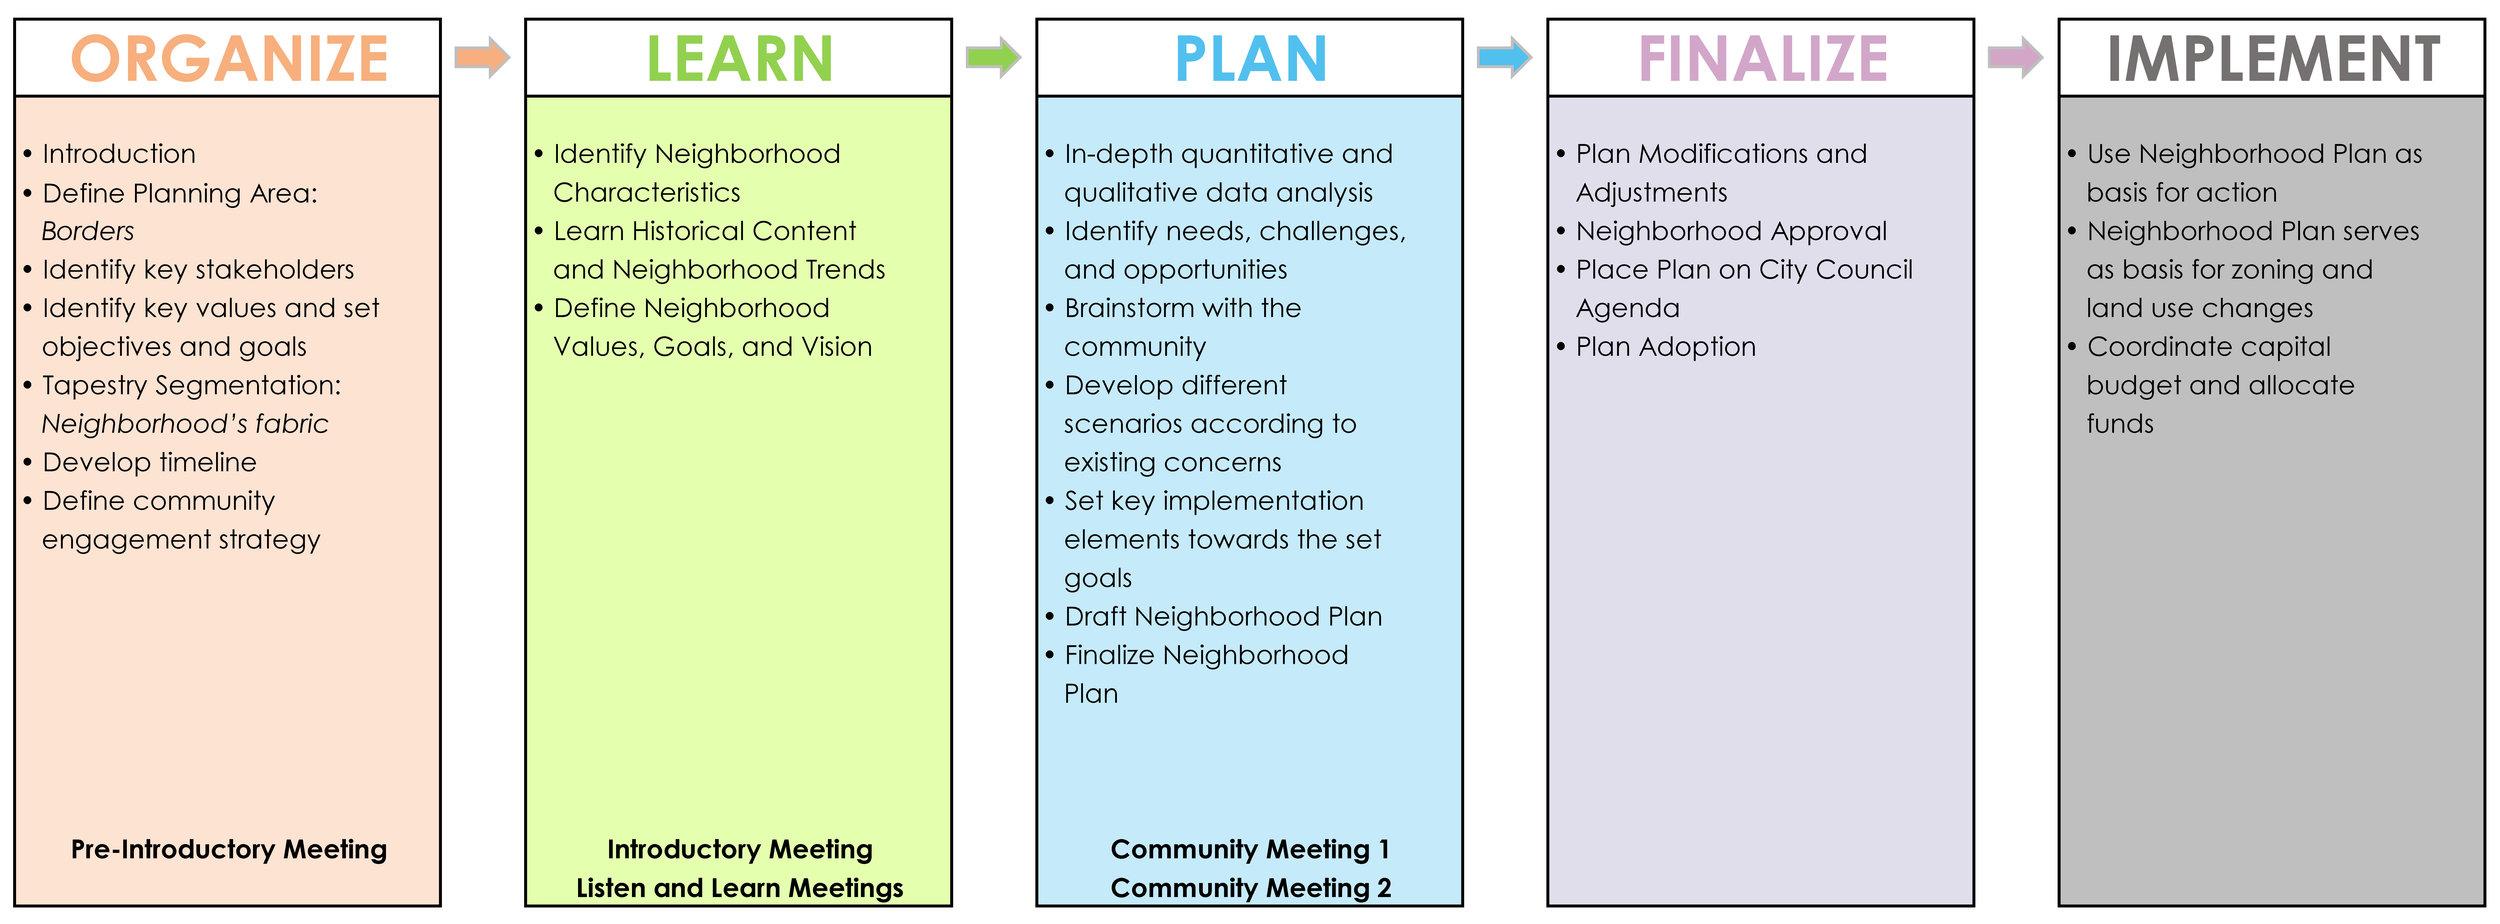 WA Neighborhood Plan Timeline.jpg